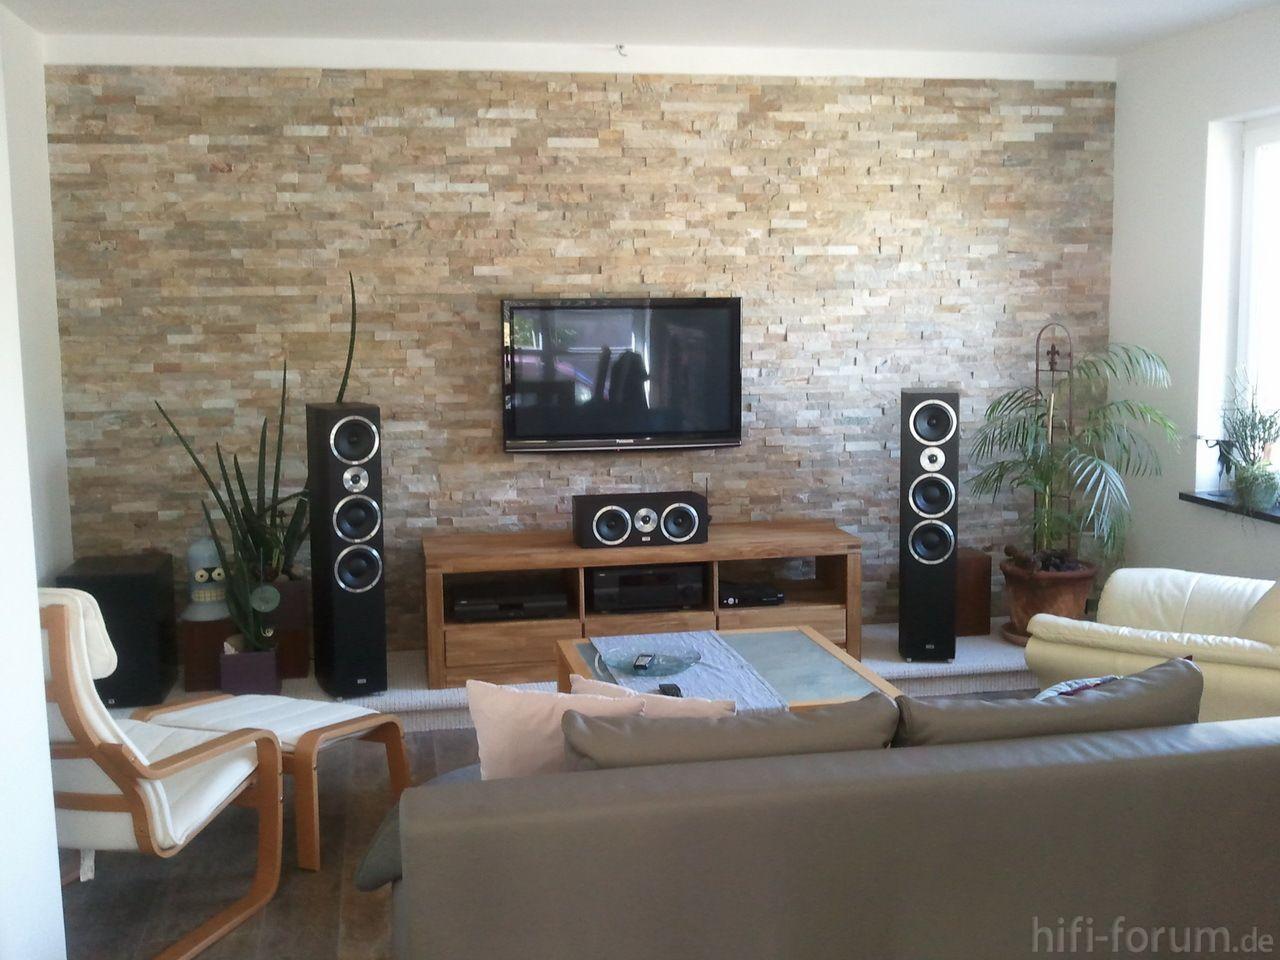 Erstaunlich Wandgestaltung Wohnzimmer Altbau : Wohnzimmer Ideen Mit Steintapete  Wohnzimmer Design